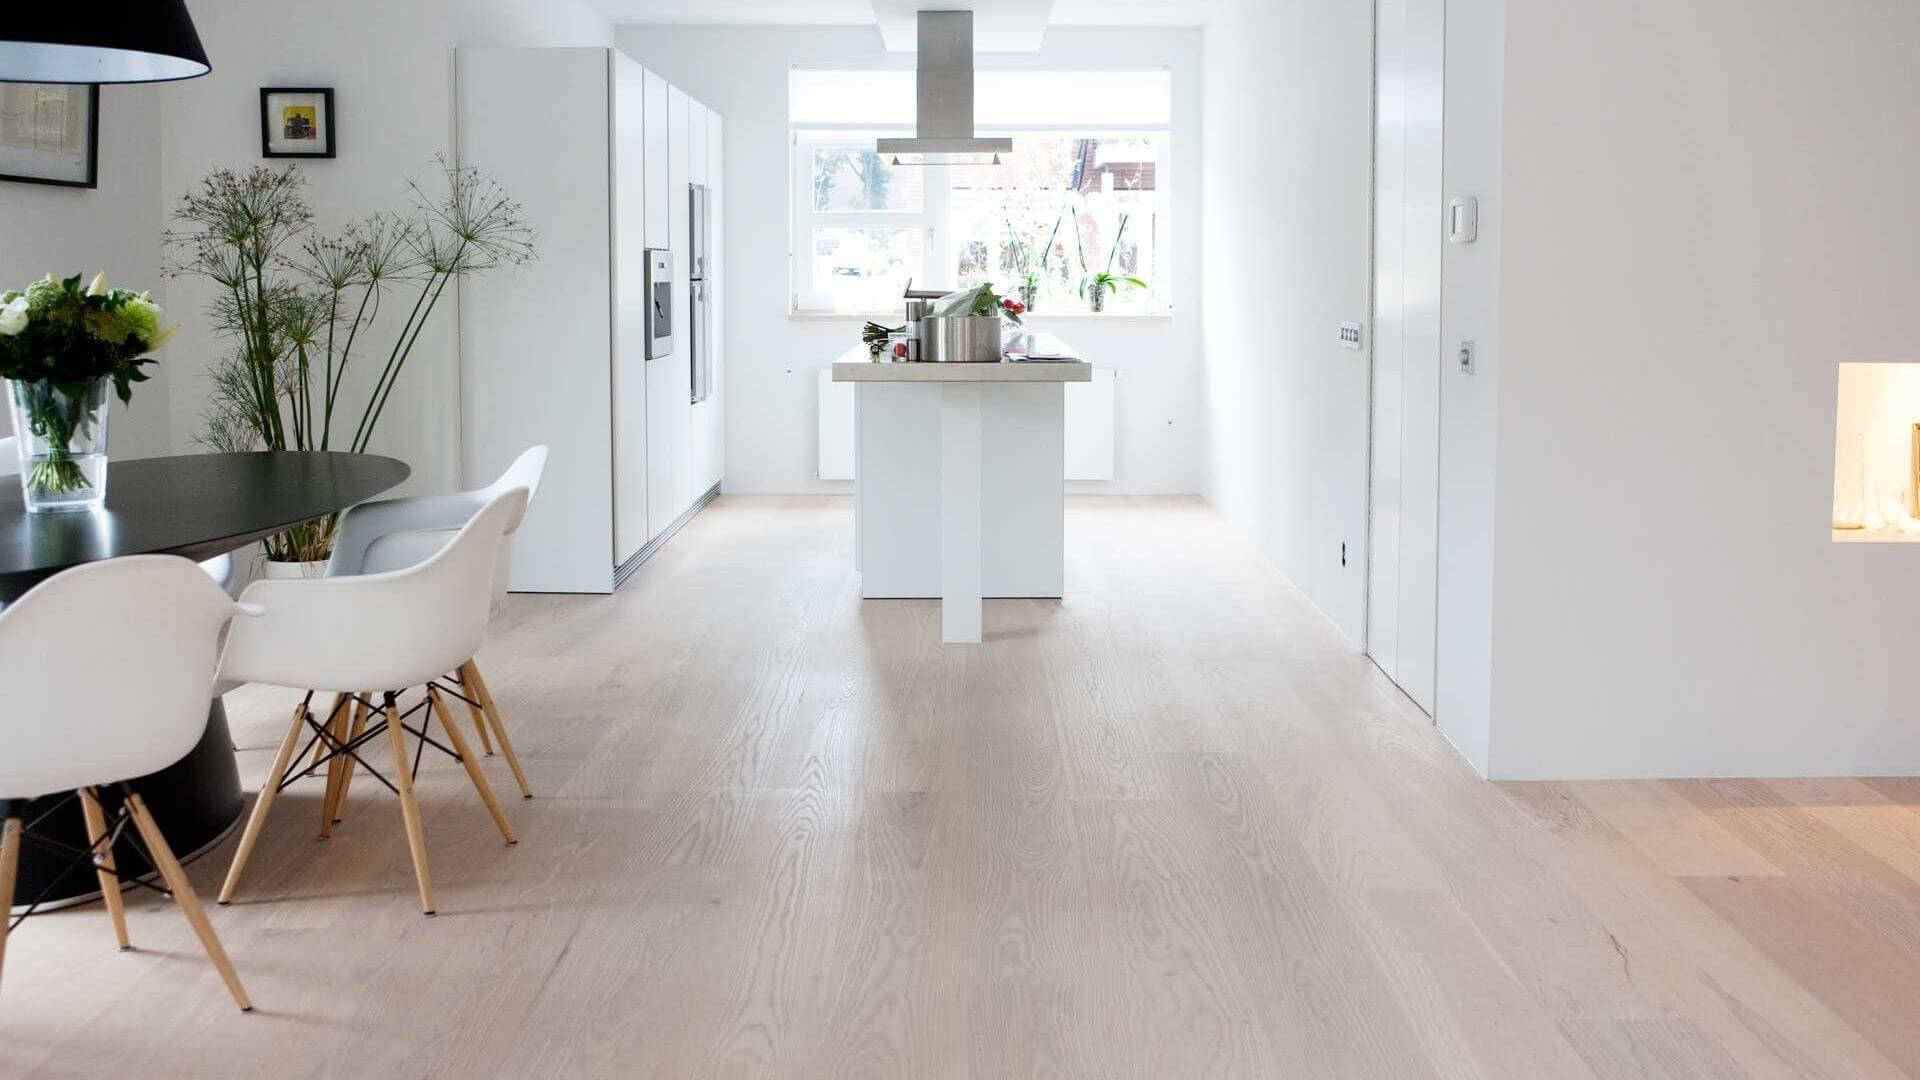 essen wood floor